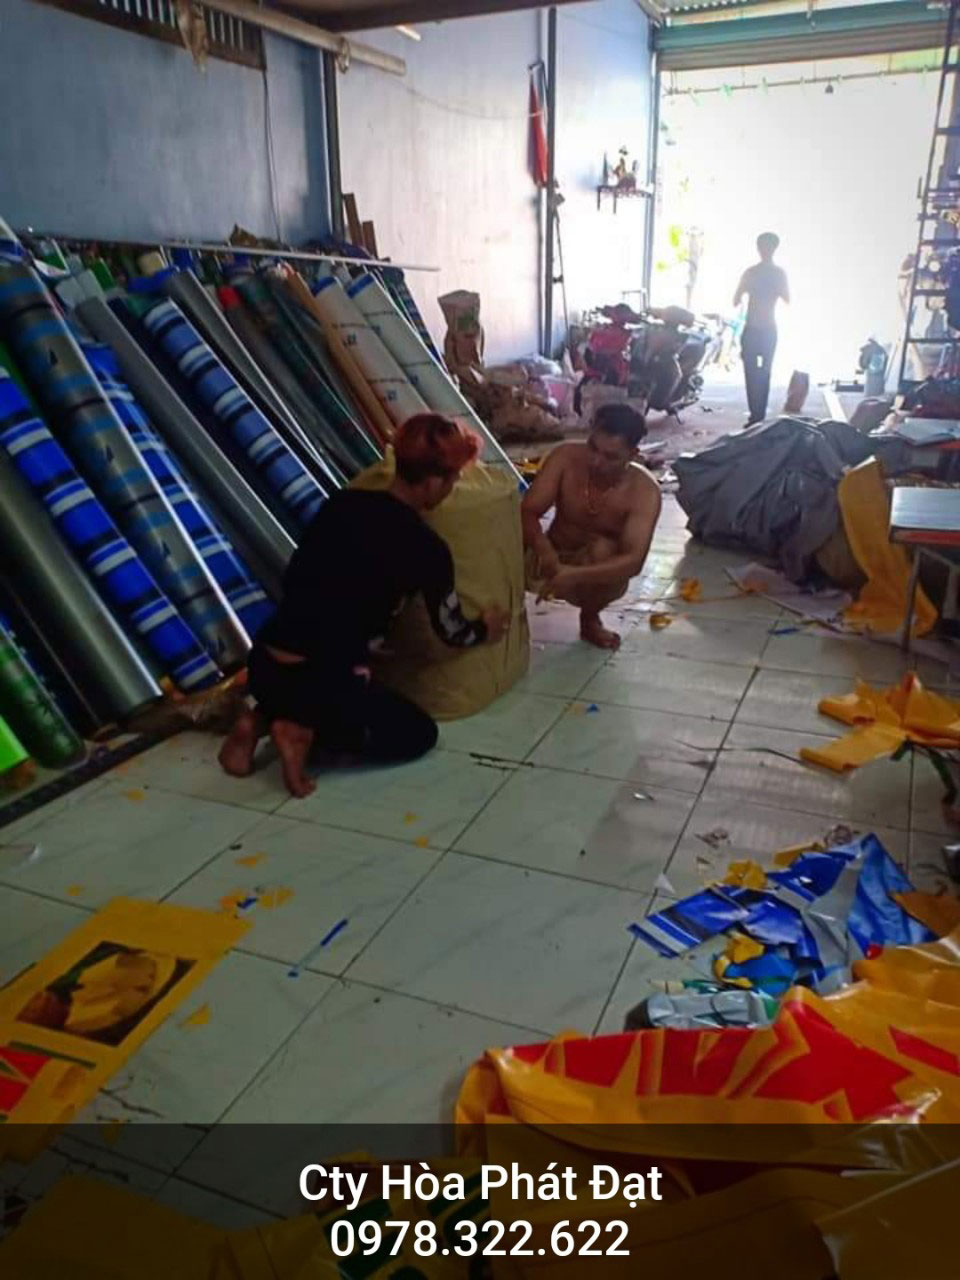 Báo giá cung cấp bạt che nắng may ép vải bạt mái che giá rẻ tại Long An